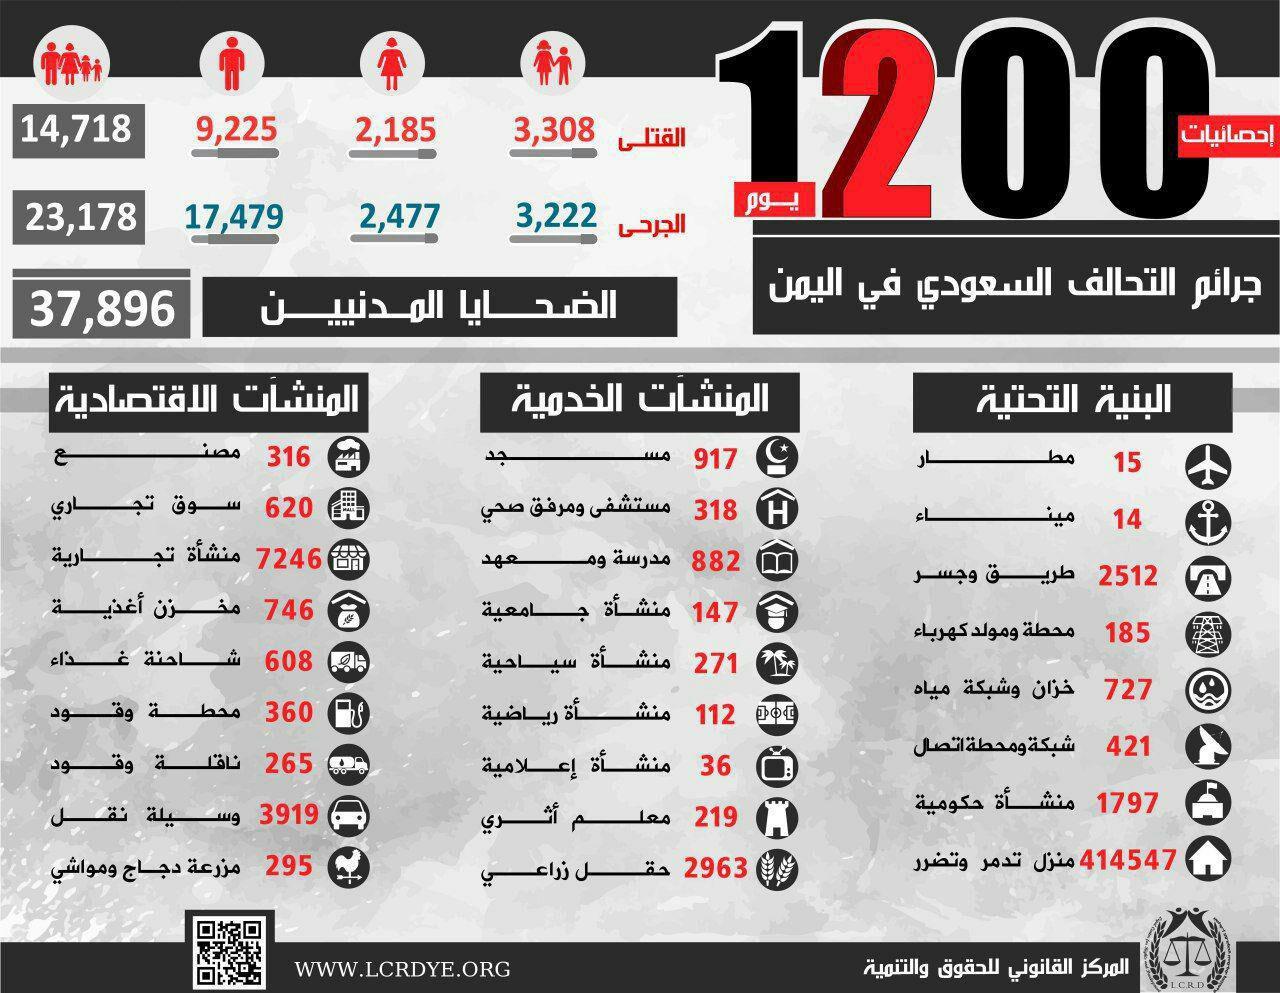 خسائر الشعب اليمني بعد 1200 يوم من العدوان السعودي